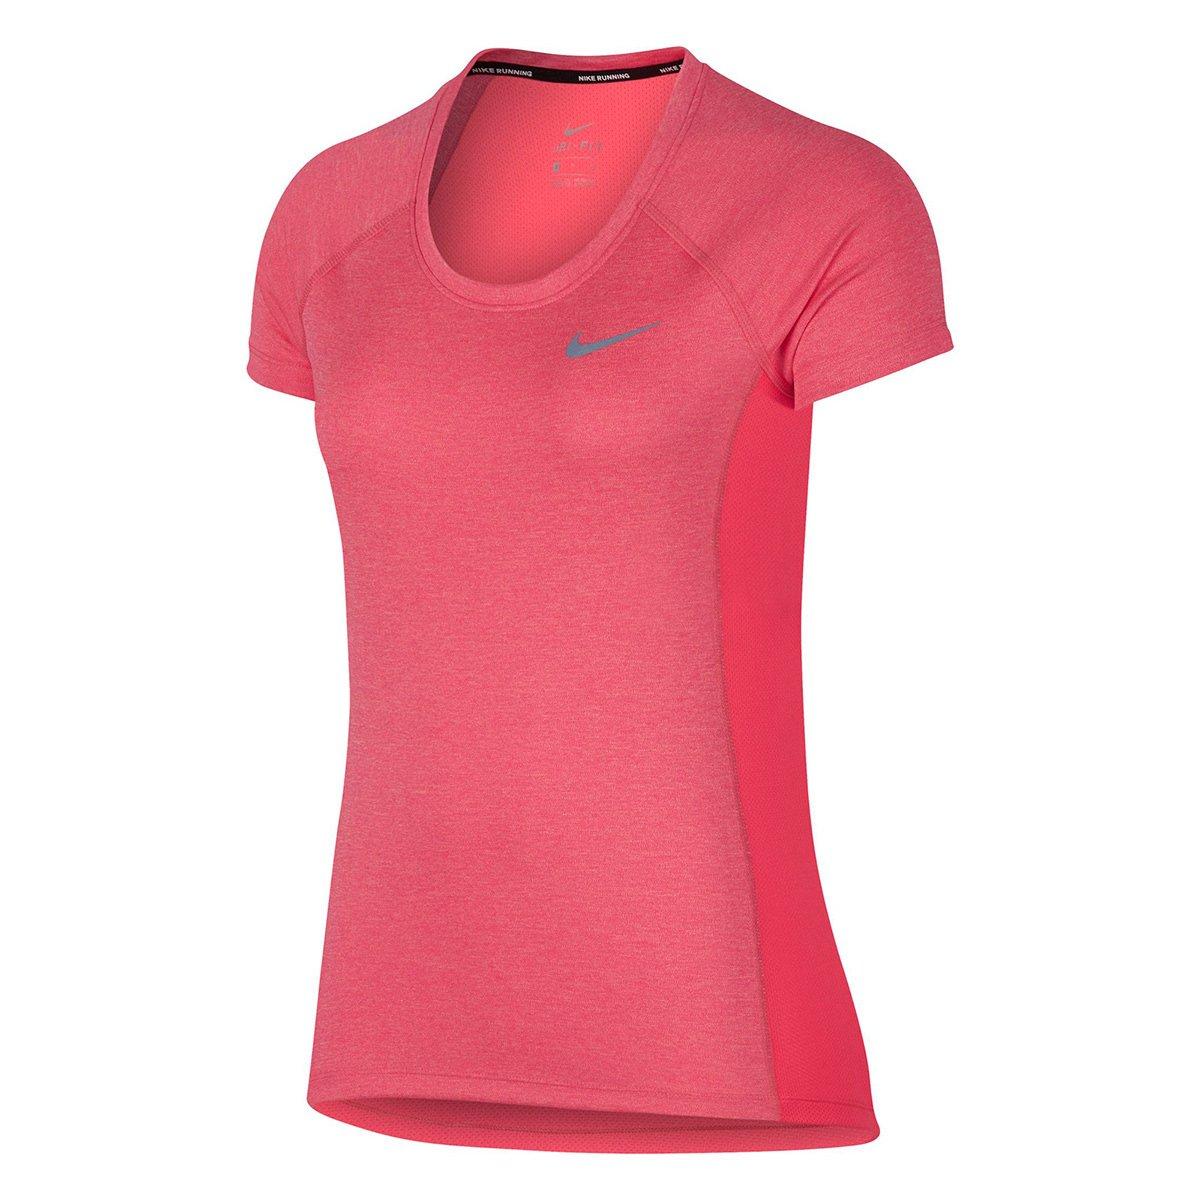 Camiseta Nike Dri-Fit Miler Top Crew Feminina  9519cc0383593